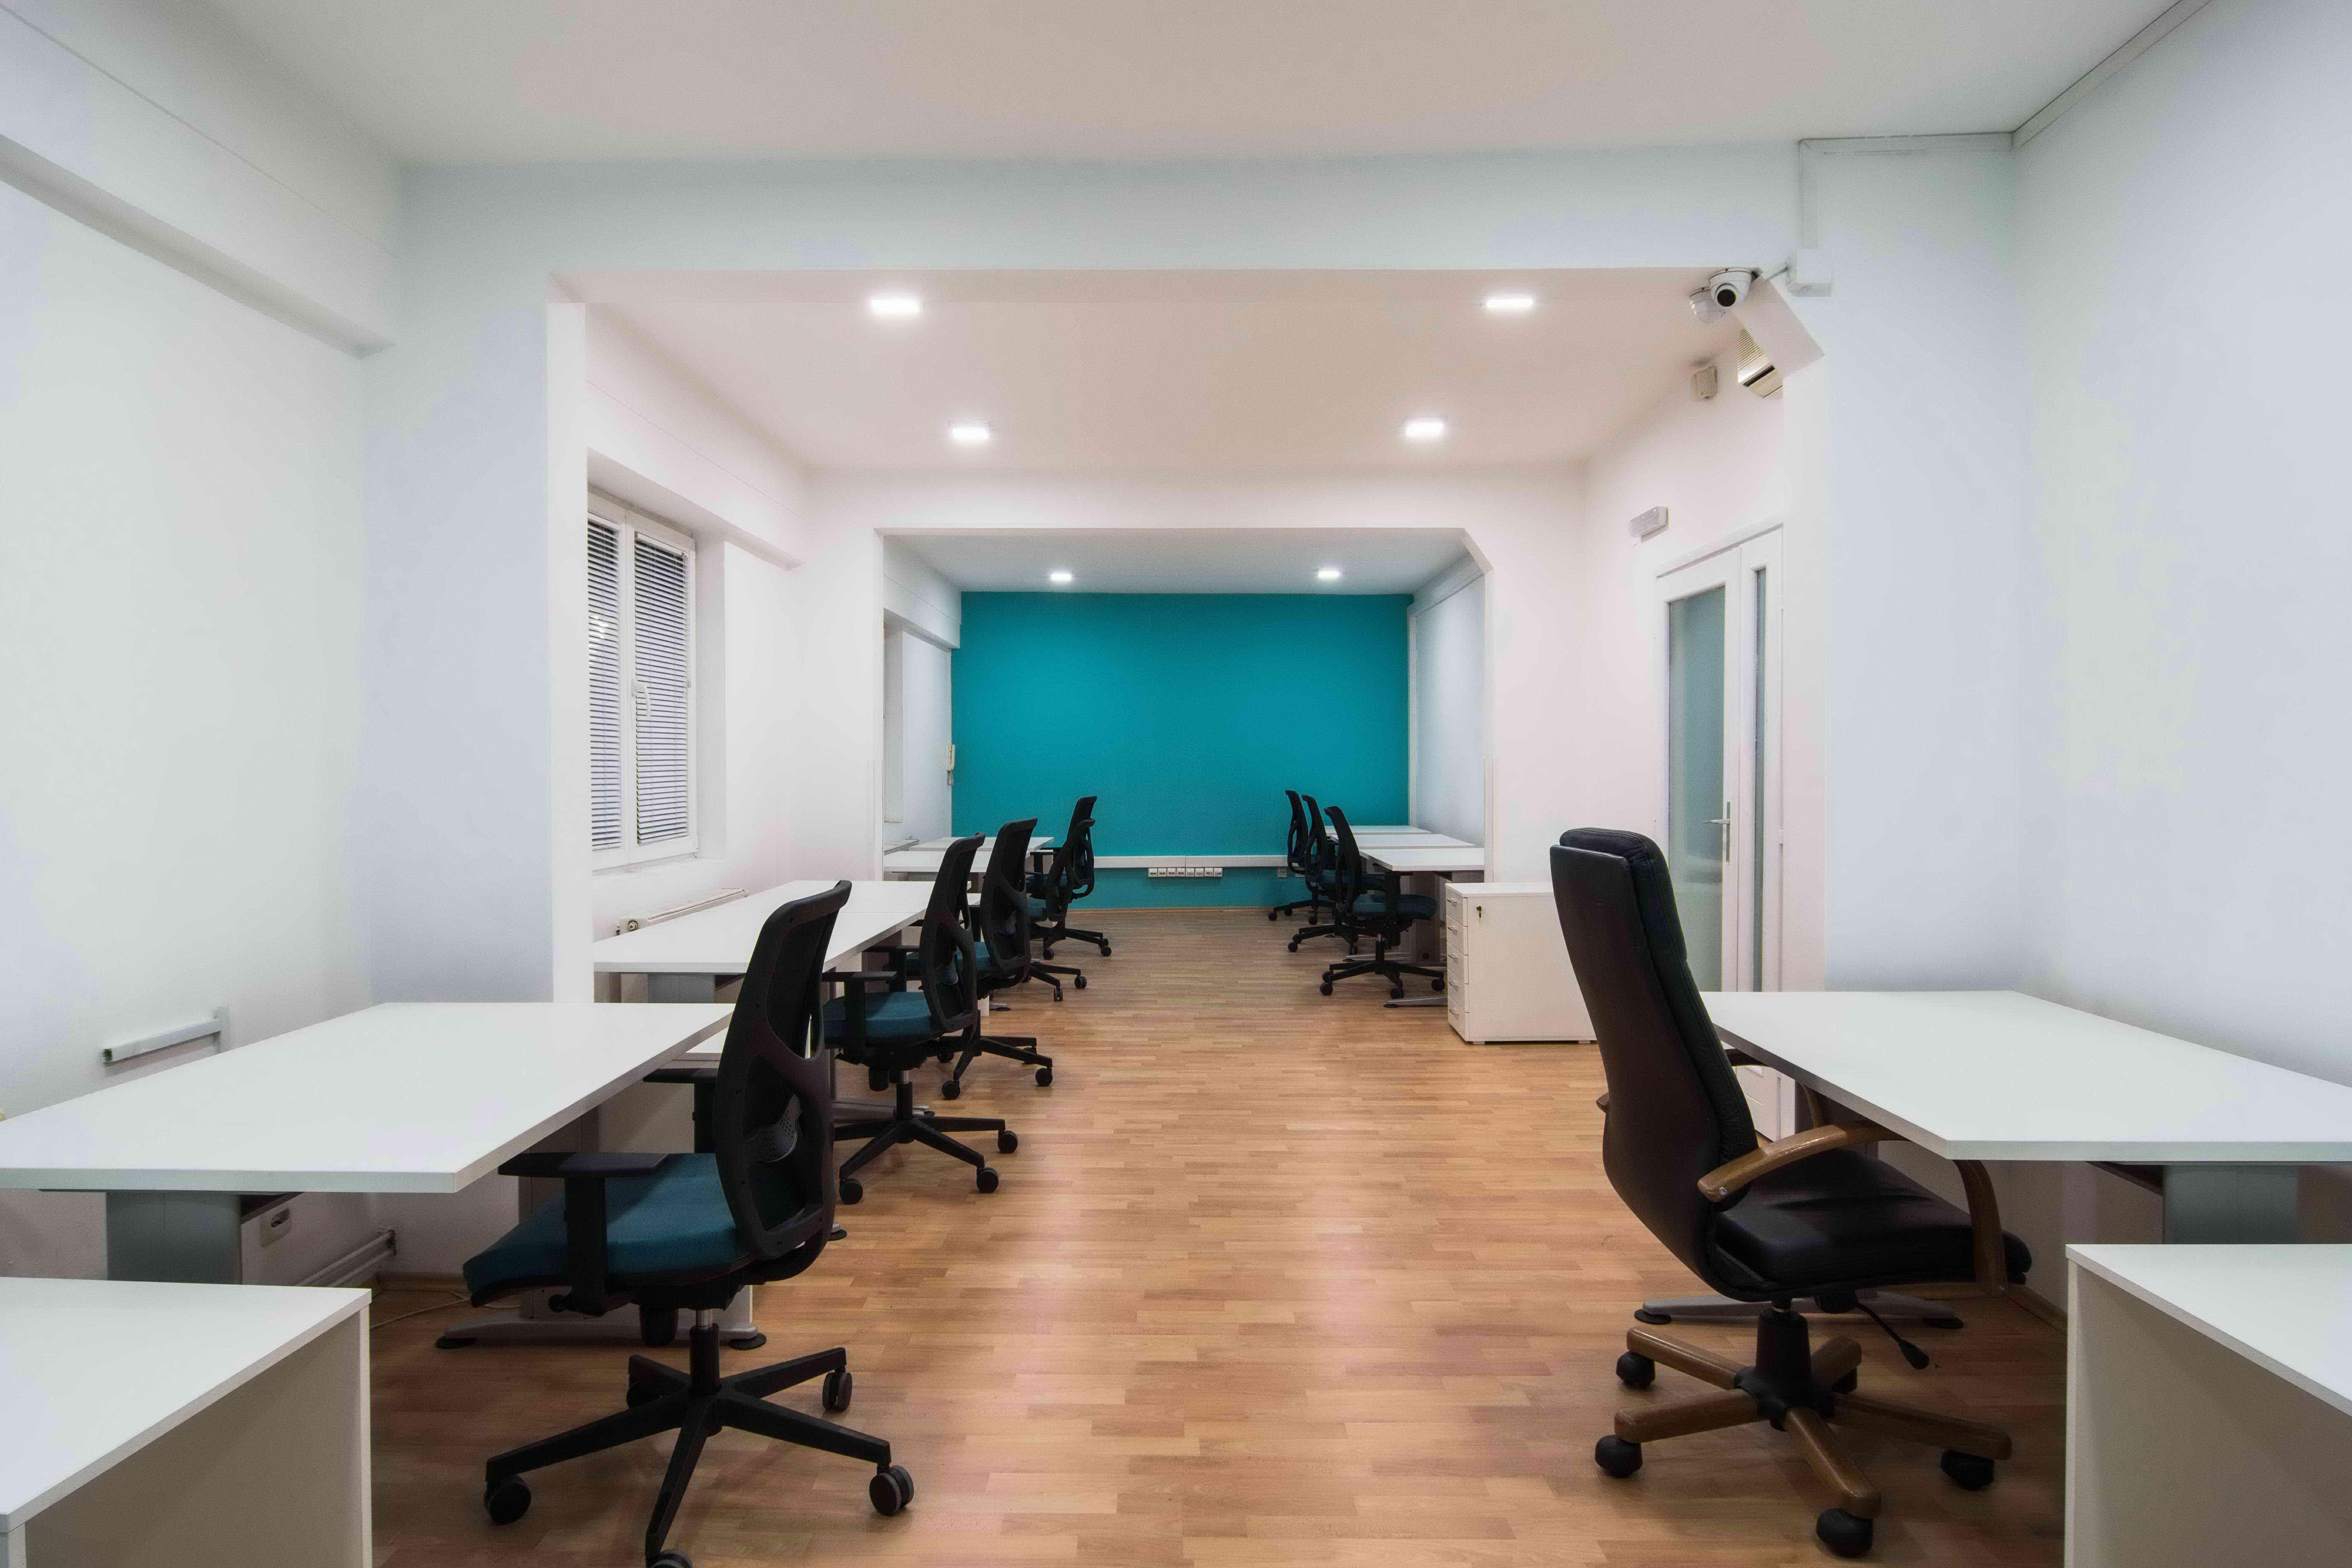 Poslovni prostor u centru grada  350m2